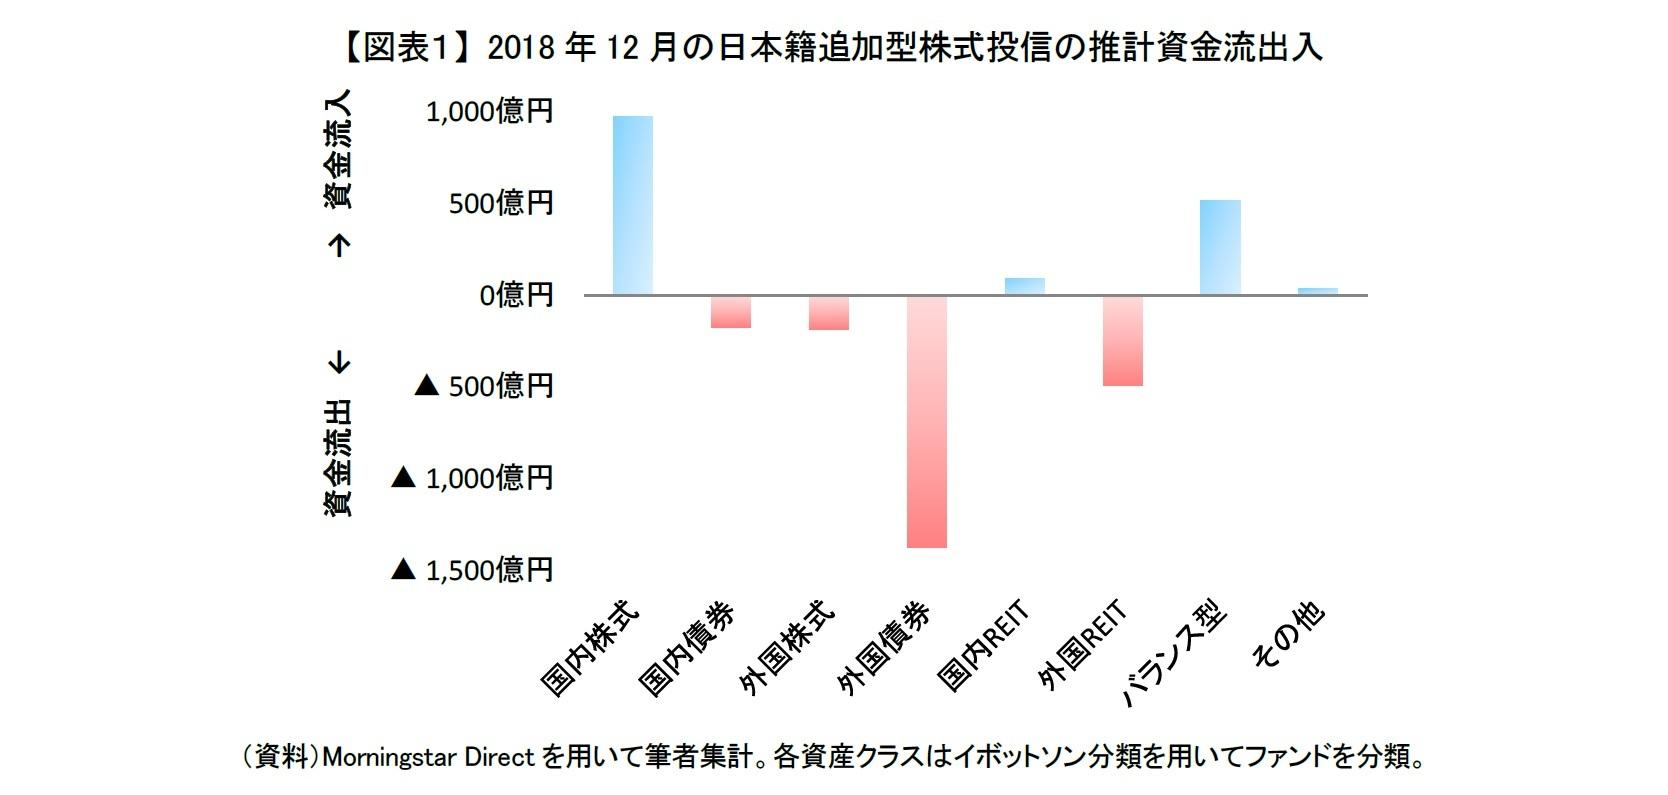 【図表1】 2018年12月の日本籍追加型株式投信の推計資金流出入